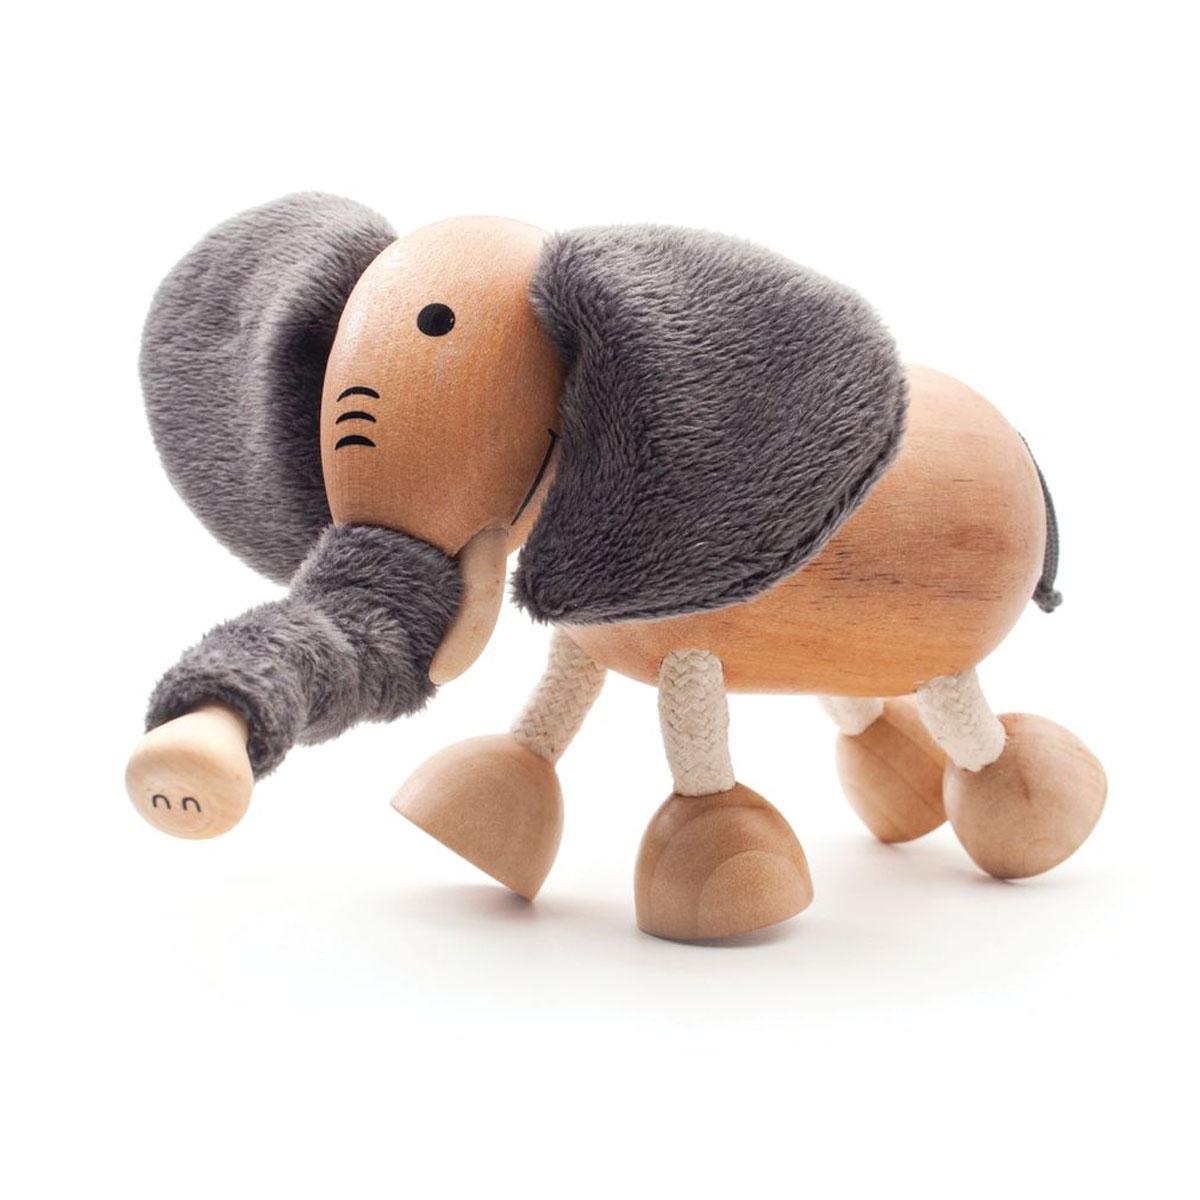 AnaMalz Фигурка деревянная СлоненокEL2010У Слоненка Anamalz большие мягкие серые уши и длинный гибкий хобот, которым он может дотянуться до самого вкусного листочка. Устойчивые деревянные копыта и гнущиеся ноги, позволяют ему вставать на дыбы или даже на одну ногу, если вдруг вы решите устроить цирк у себя дома. Anamalz - это качественные экологичные игрушки родом из Австралии. В 2007 году дизайнер Луиза Козон-Скотт вместе с мужем решили встряхнуть индустрию деревянных игрушек и сделать их более уютными и пластичными. Эти качества и отличают фигурки Anamalz и сегодня. Благодаря гнущимся деталям звери могут оживать, принимая разные позы. Деревянные игрушки дополнены тканевыми элементами, причем ткани используются только натуральные: хлопок, шерсть, шелк. Фигурки производятся из вечнозеленого дерева шима (или игольчатое дерево), выращивается оно на лесных плантациях в Китае.